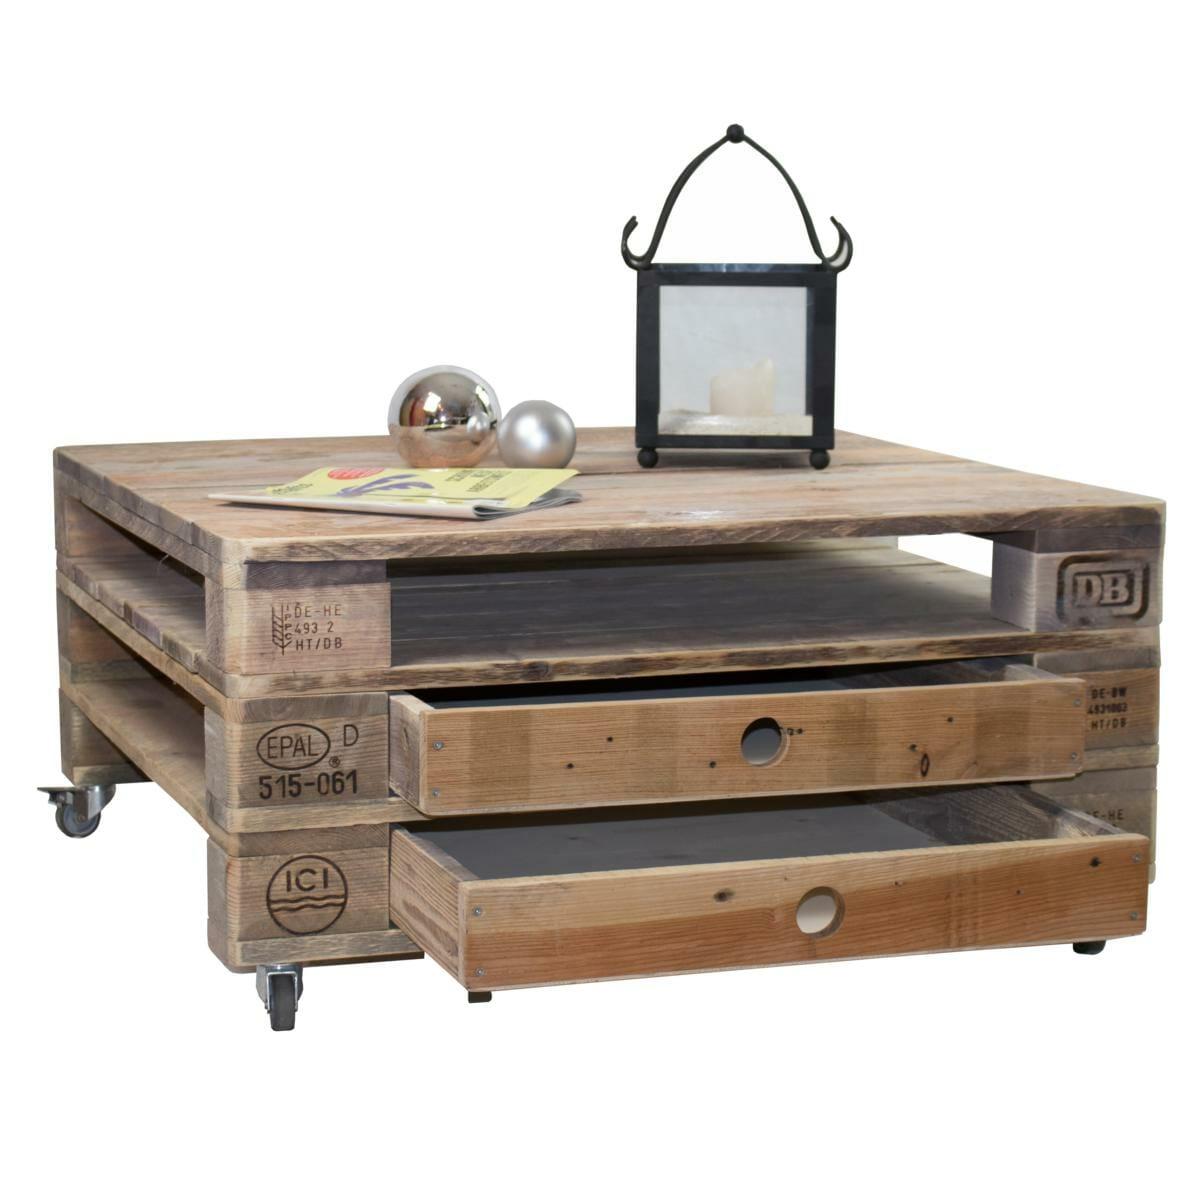 couchtisch aus europaletten selber bauen kaufen palettenm bel. Black Bedroom Furniture Sets. Home Design Ideas